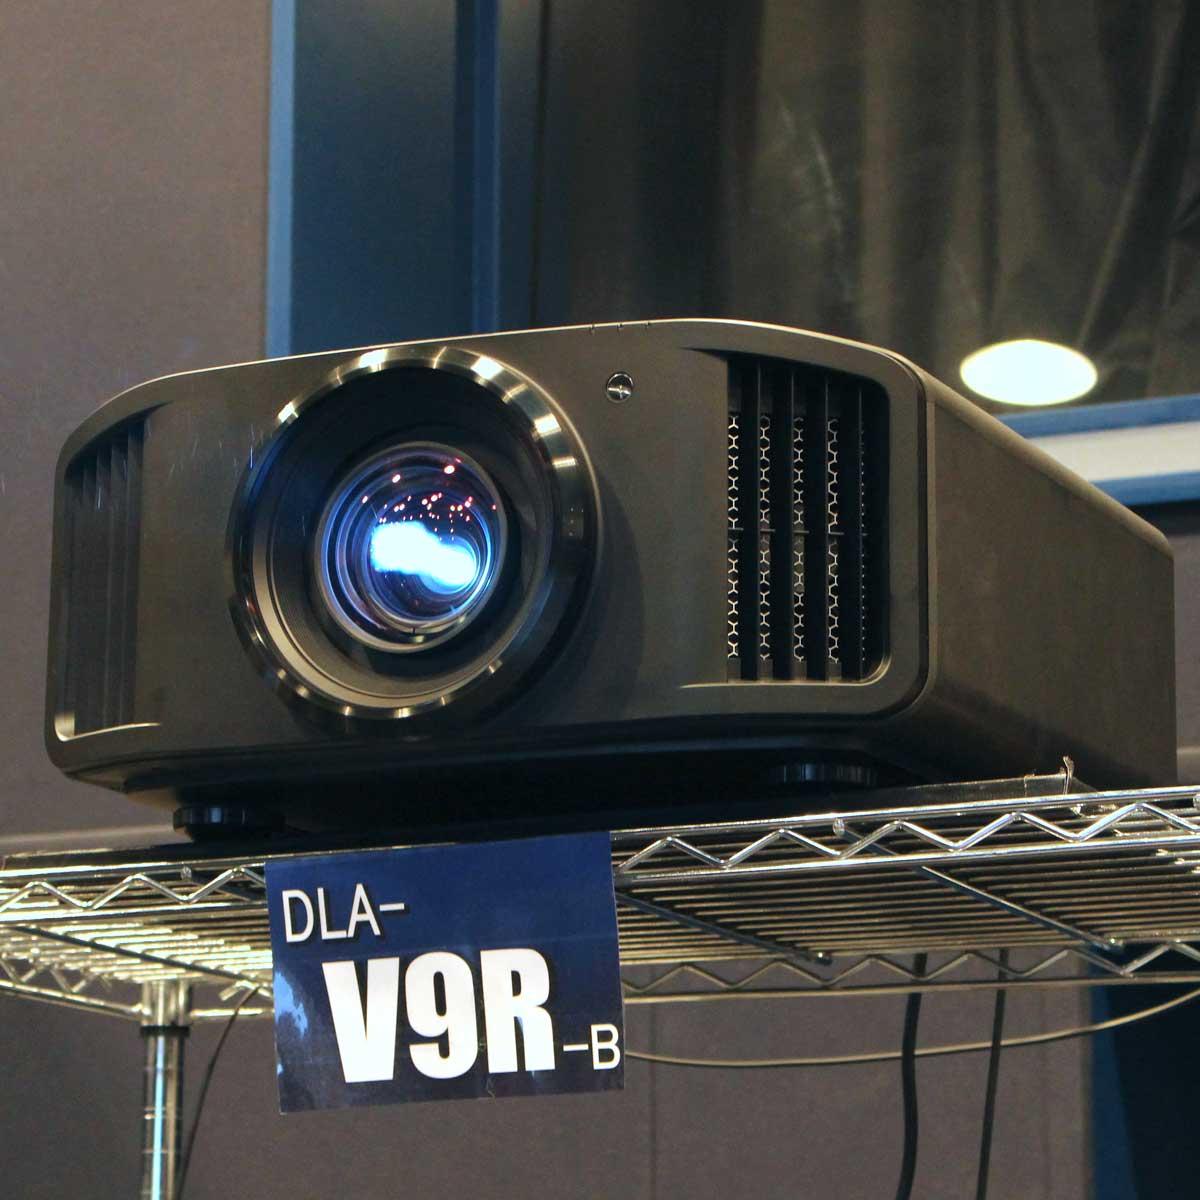 いよいよ8K時代へ! JVCから民生用初の8K対応D-ILAプロジェクター「DLA-V9R」